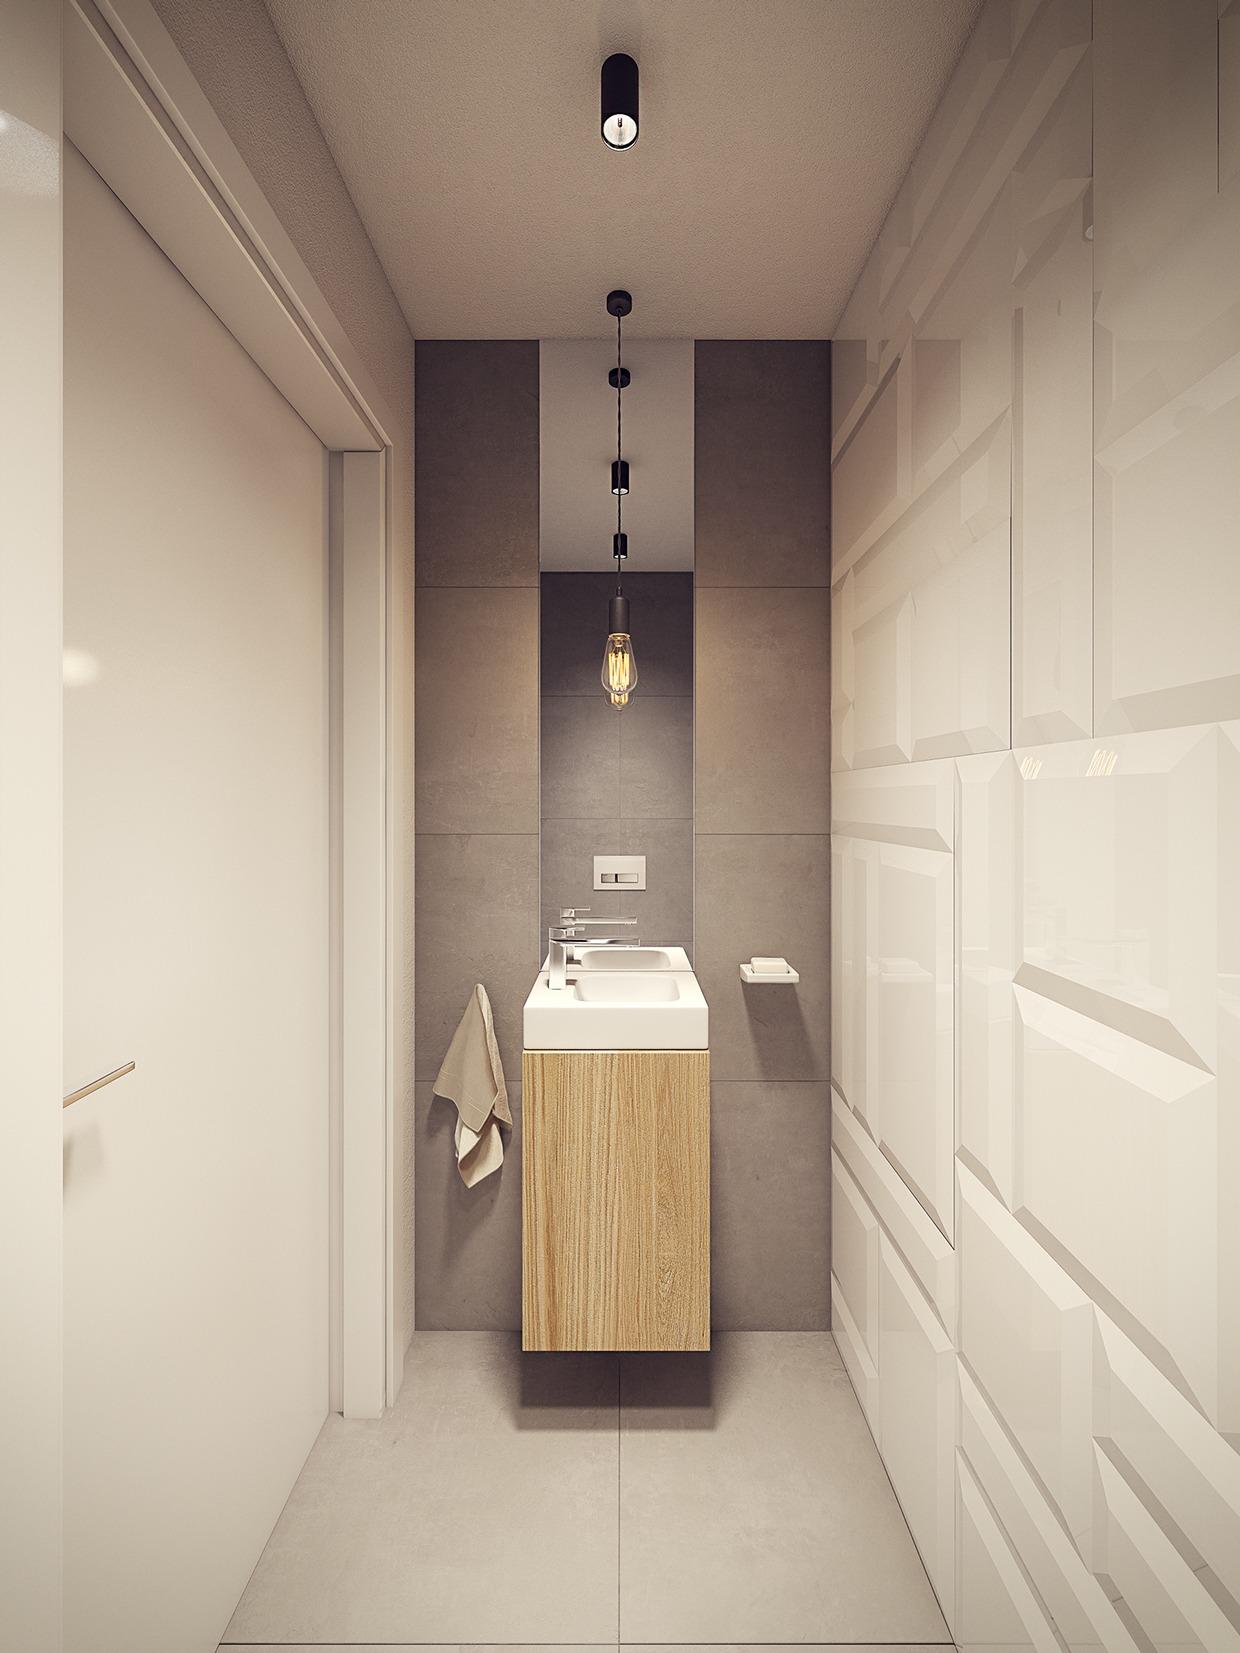 Wedo thiết kế nội thất nhà đẹp lấy cảm hứng từ xu hướng thiết kế những năm 60